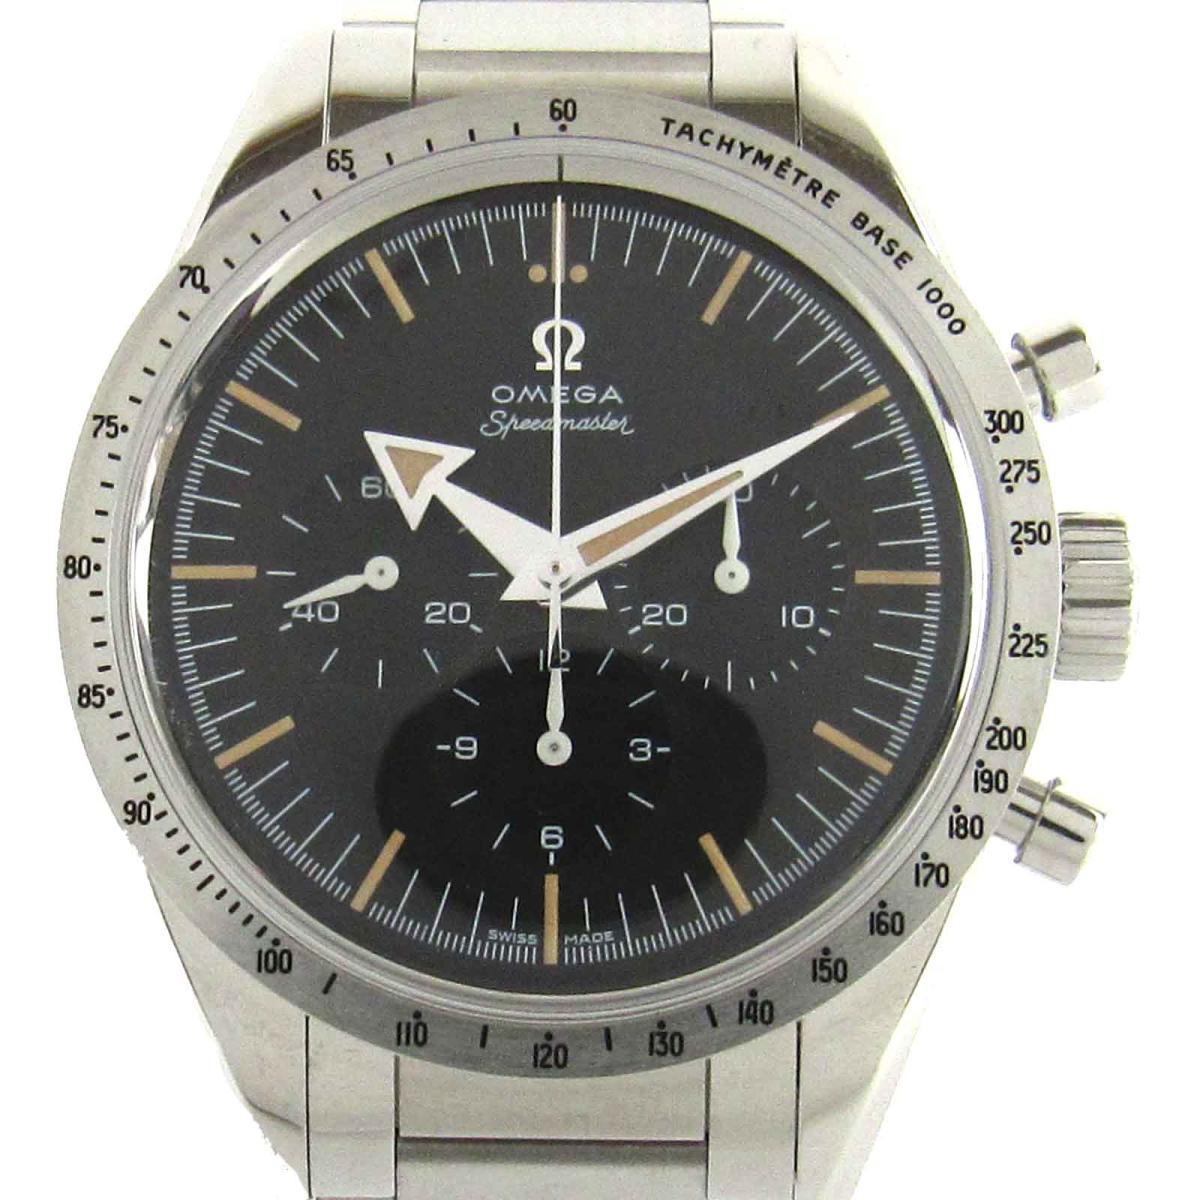 【中古】 オメガ スピードマスター'57 ウォッチ 腕時計 世界限定3557本 メンズ ステンレススチール (SS) (311.10.39.30.01.001) | OMEGA BRANDOFF ブランドオフ ブランド ブランド時計 ブランド腕時計 時計